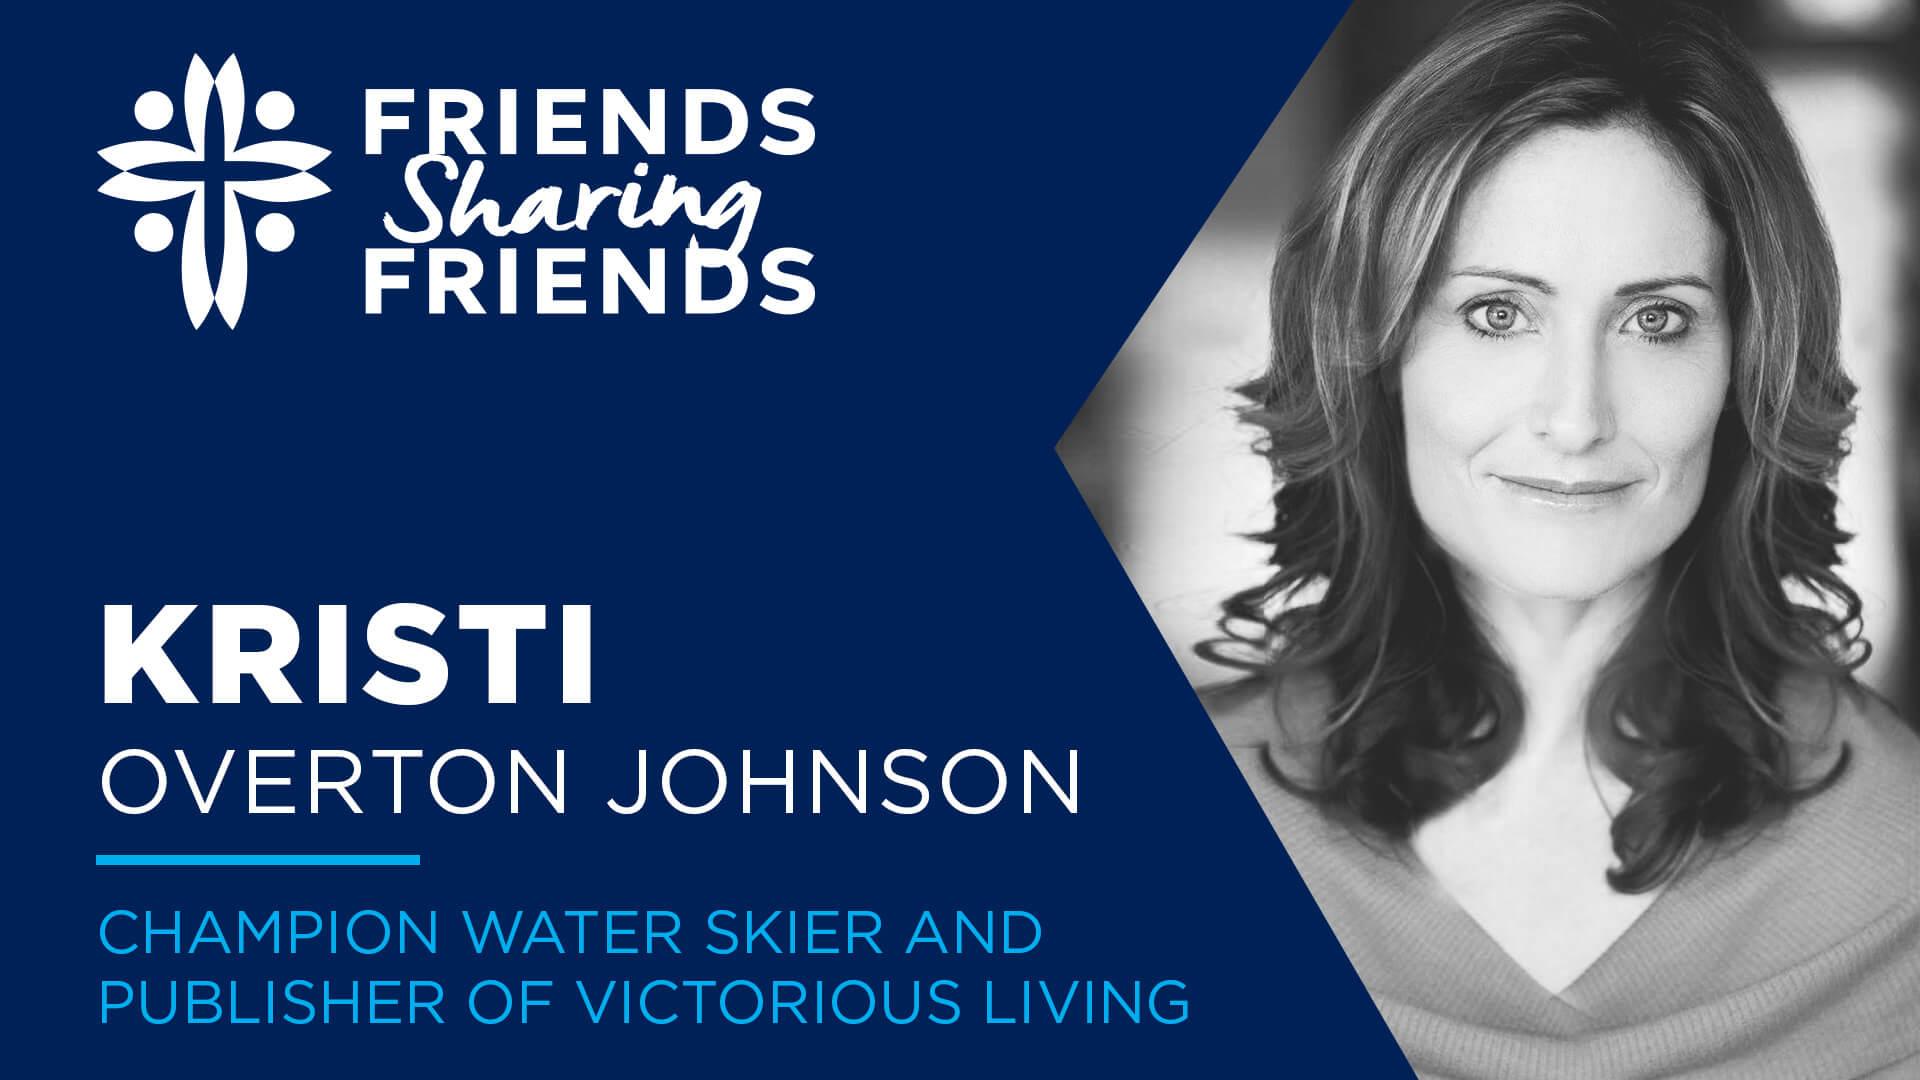 Kristi Overton Johnson